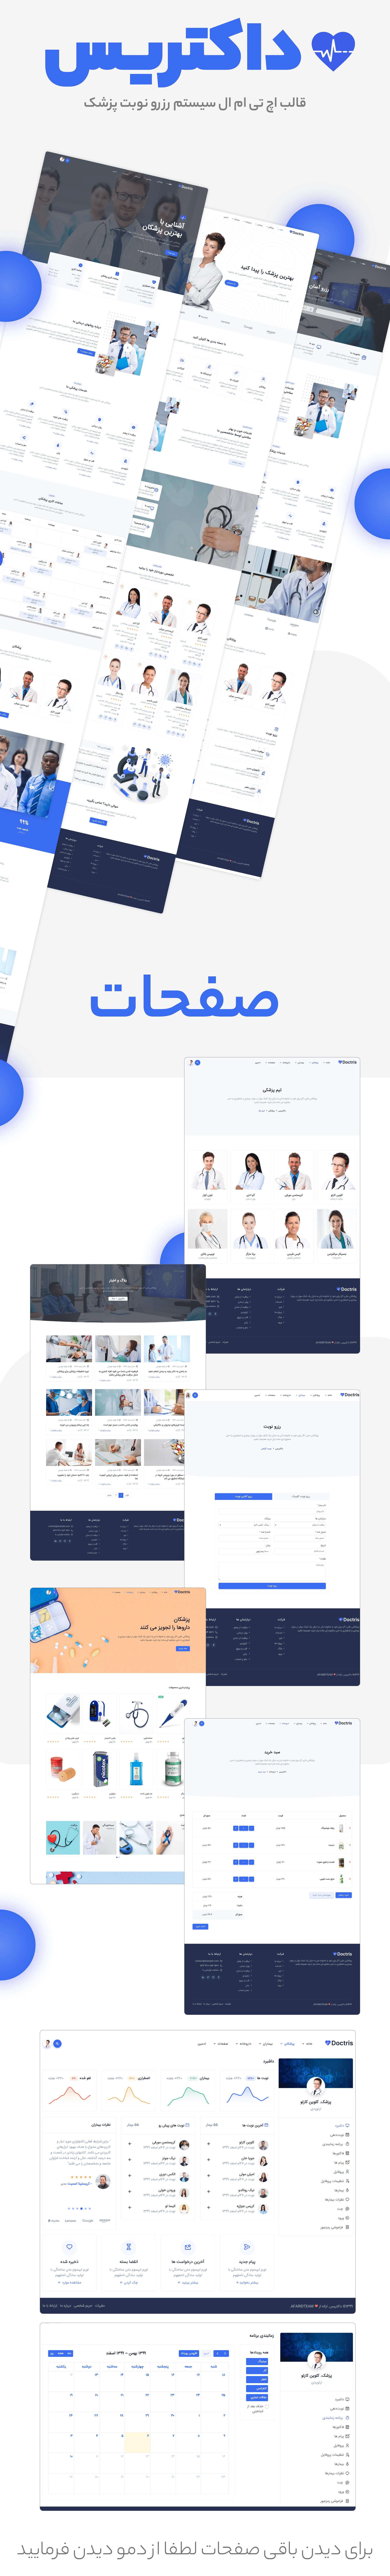 قالب HTML پزشکی داکتریس